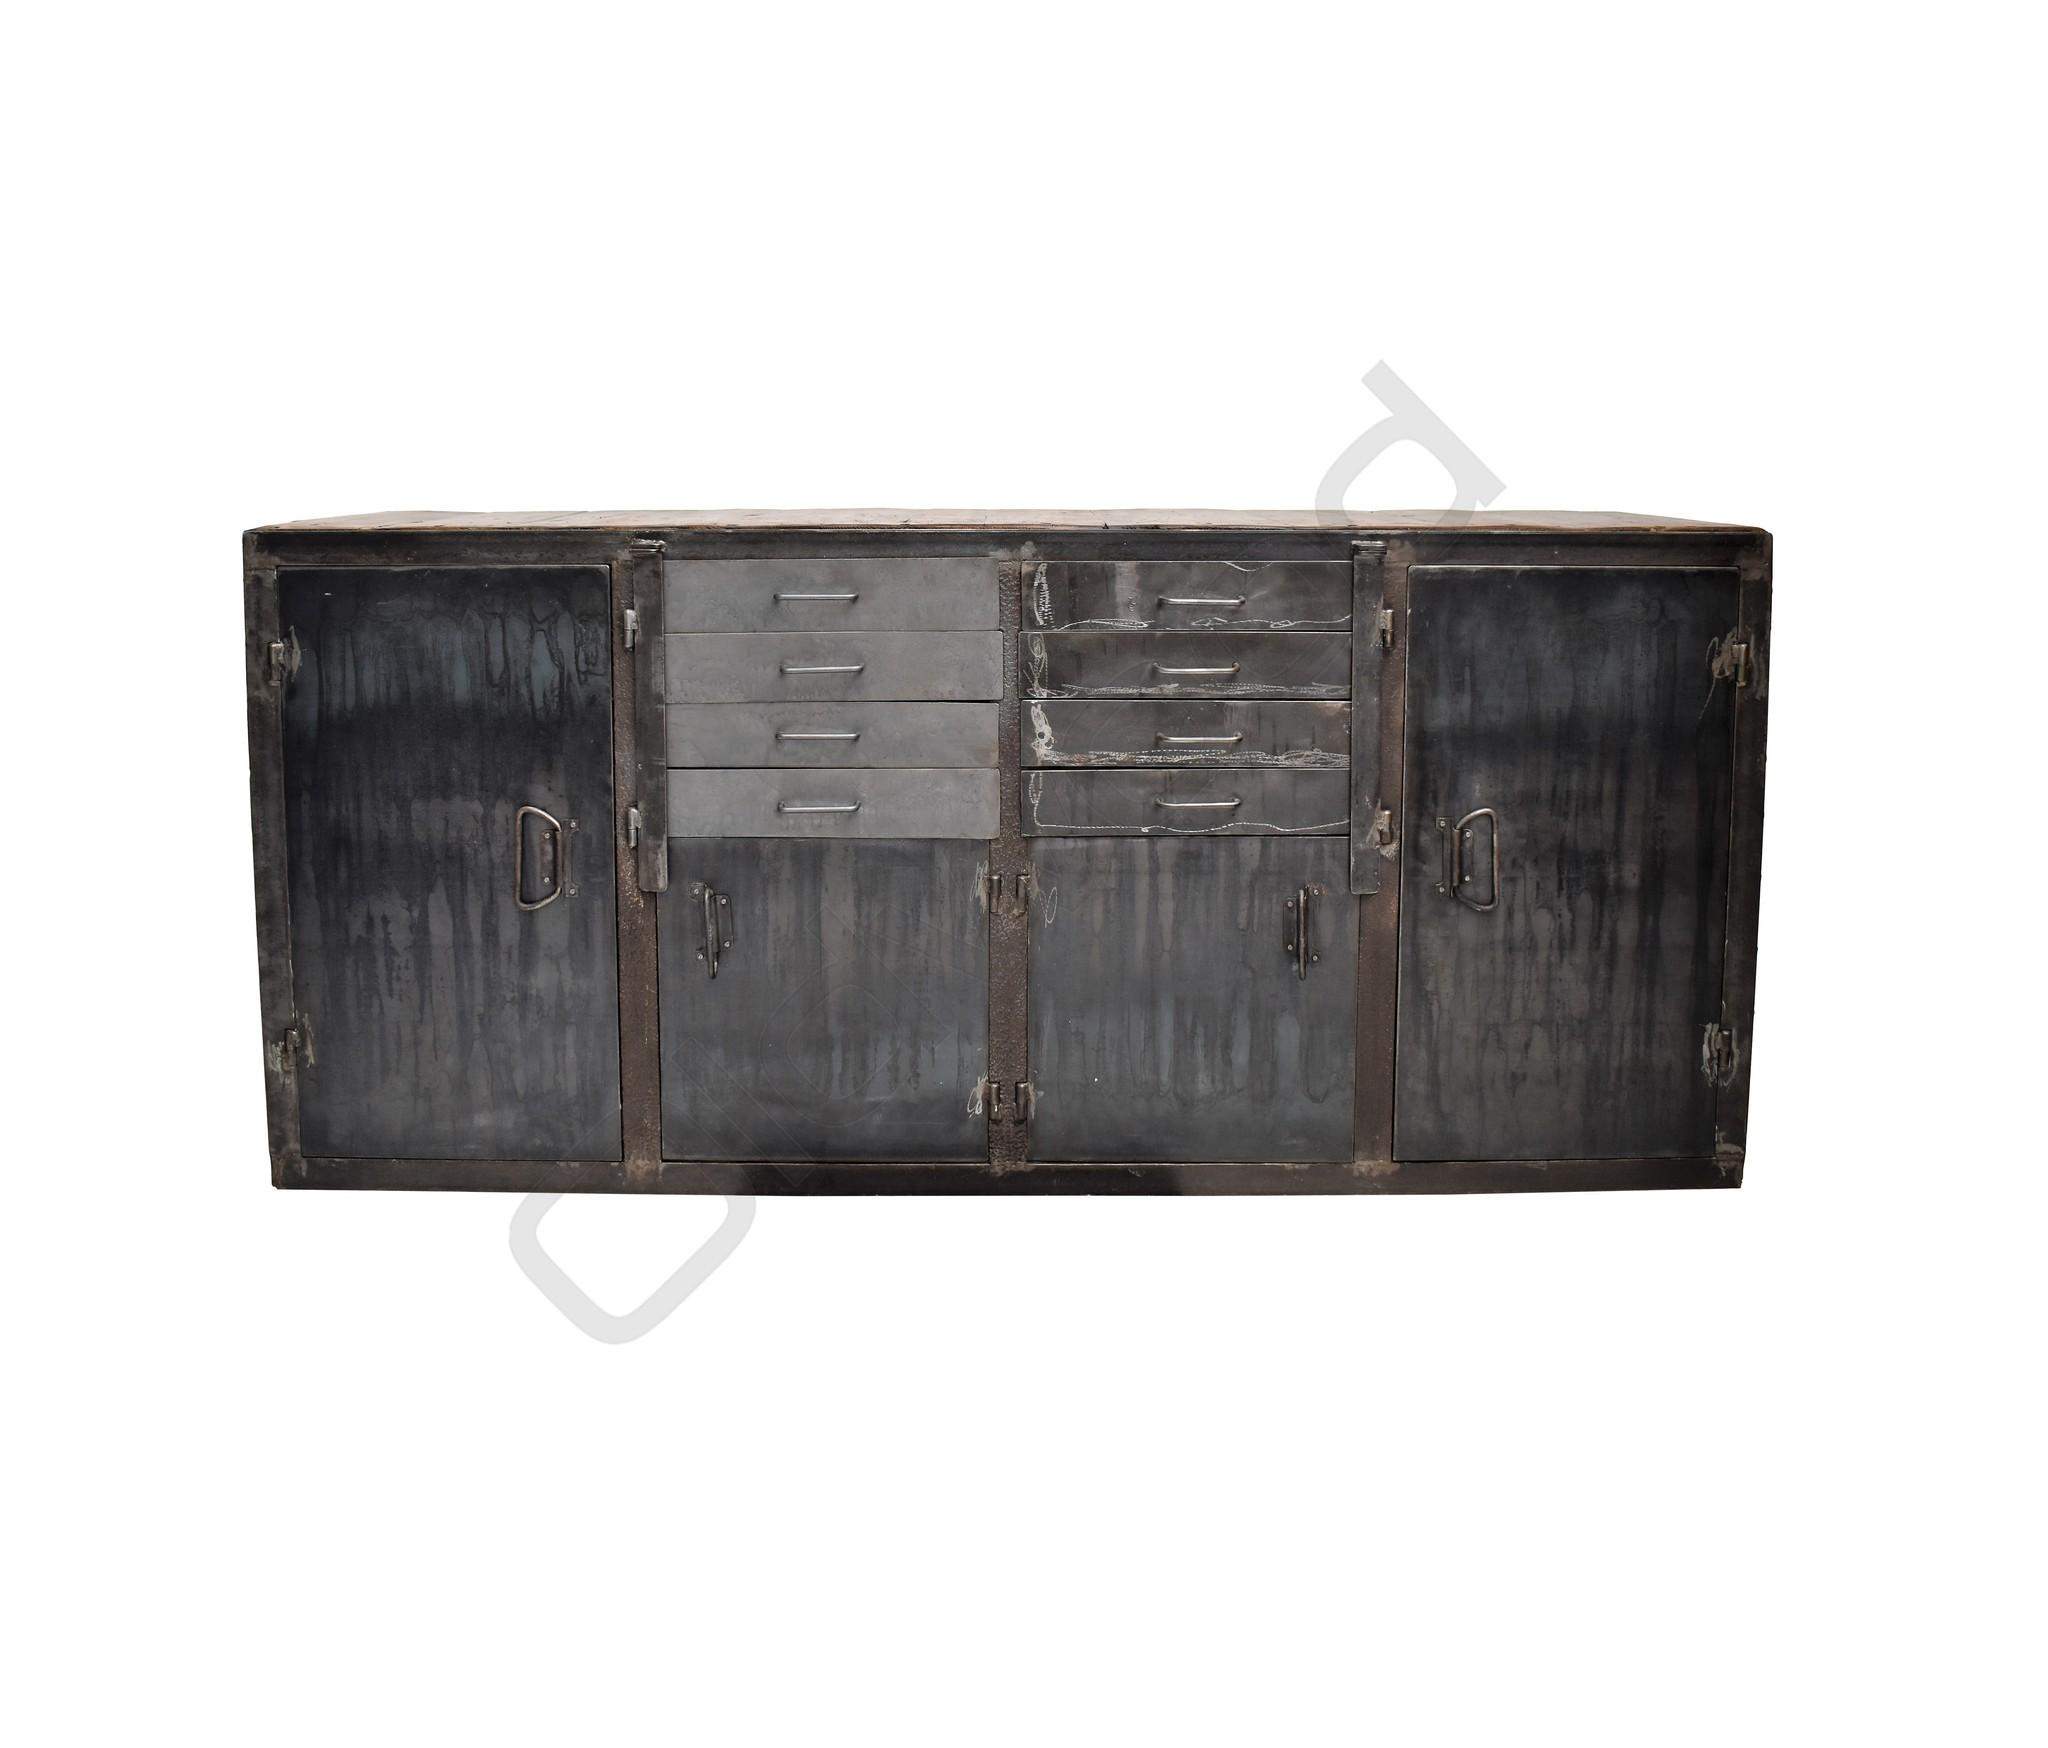 (Sold) Tough metal sideboard